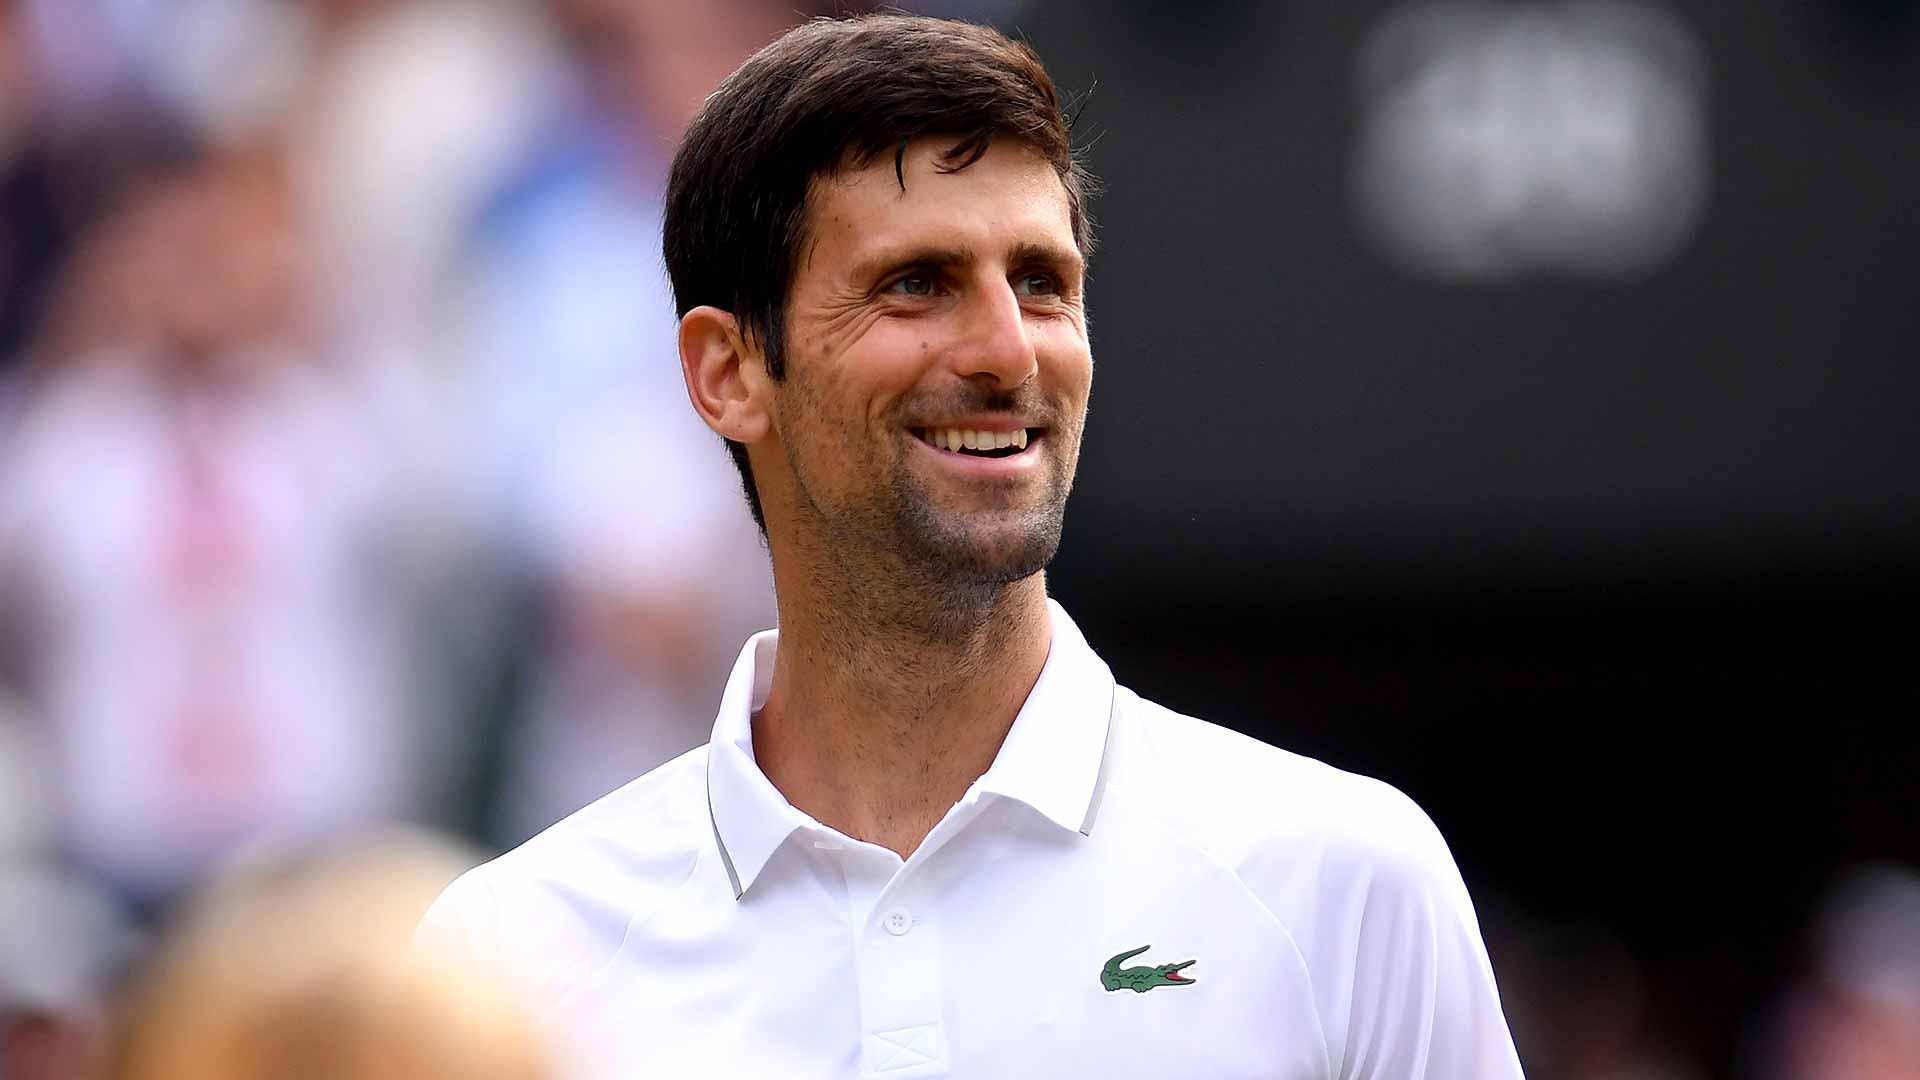 Djokovic aposta na nova geração: 'Os caras vão começar a ganhar Slams'